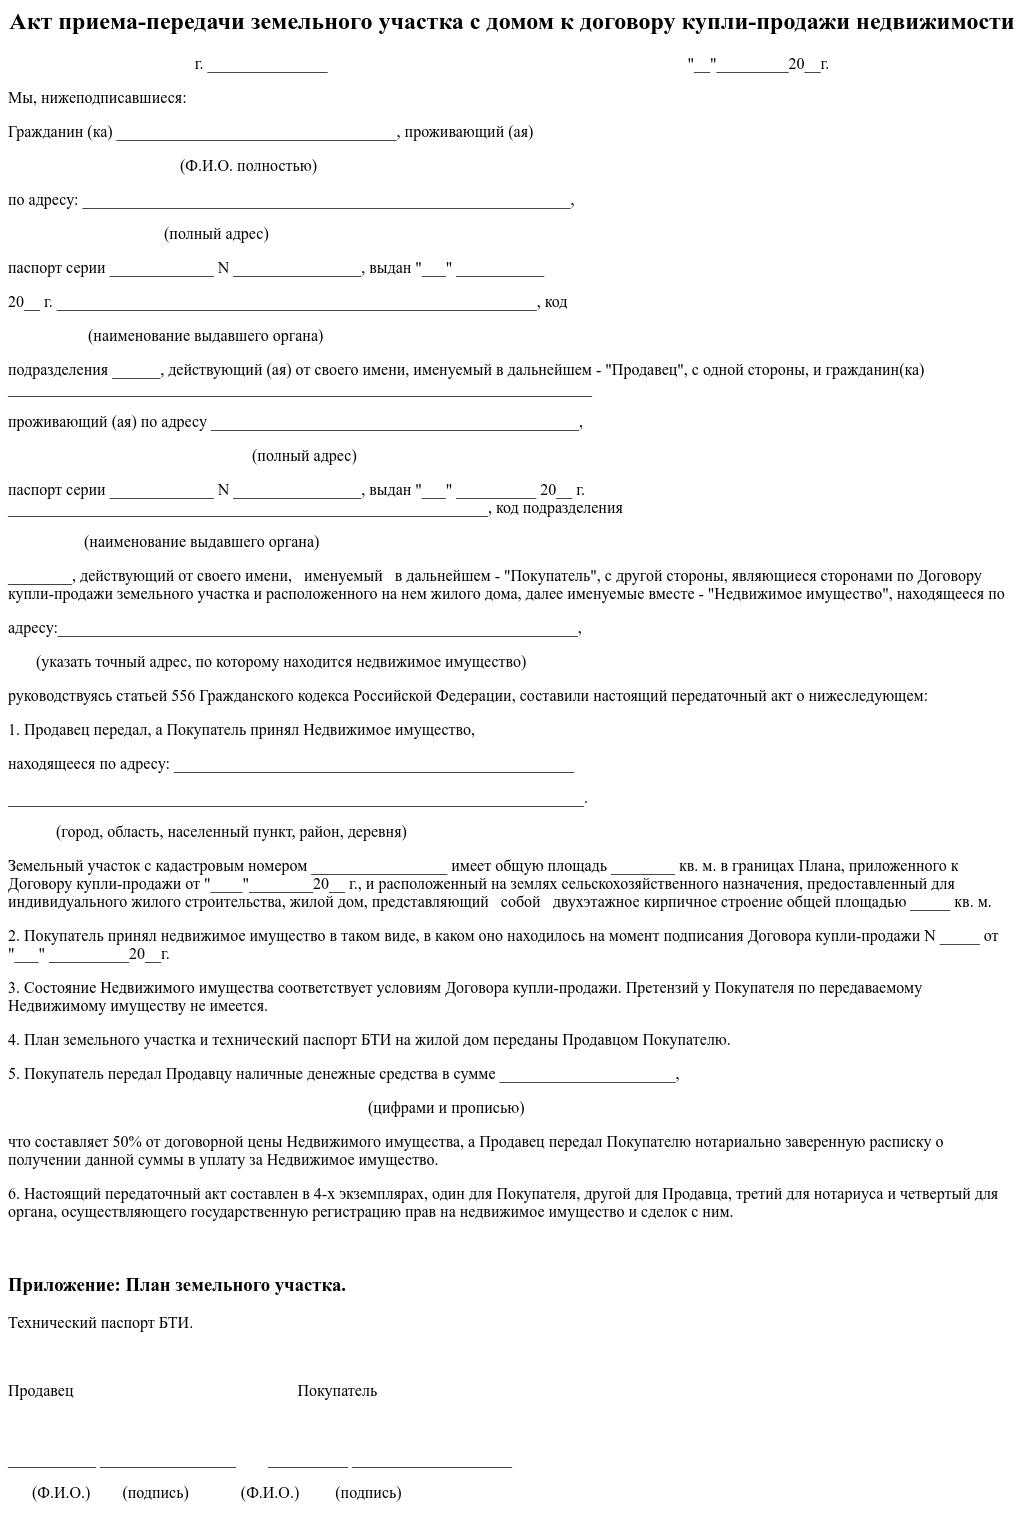 Образец Акт приема-передачи земельного участка с домом к договору купли-продажи недвижимости